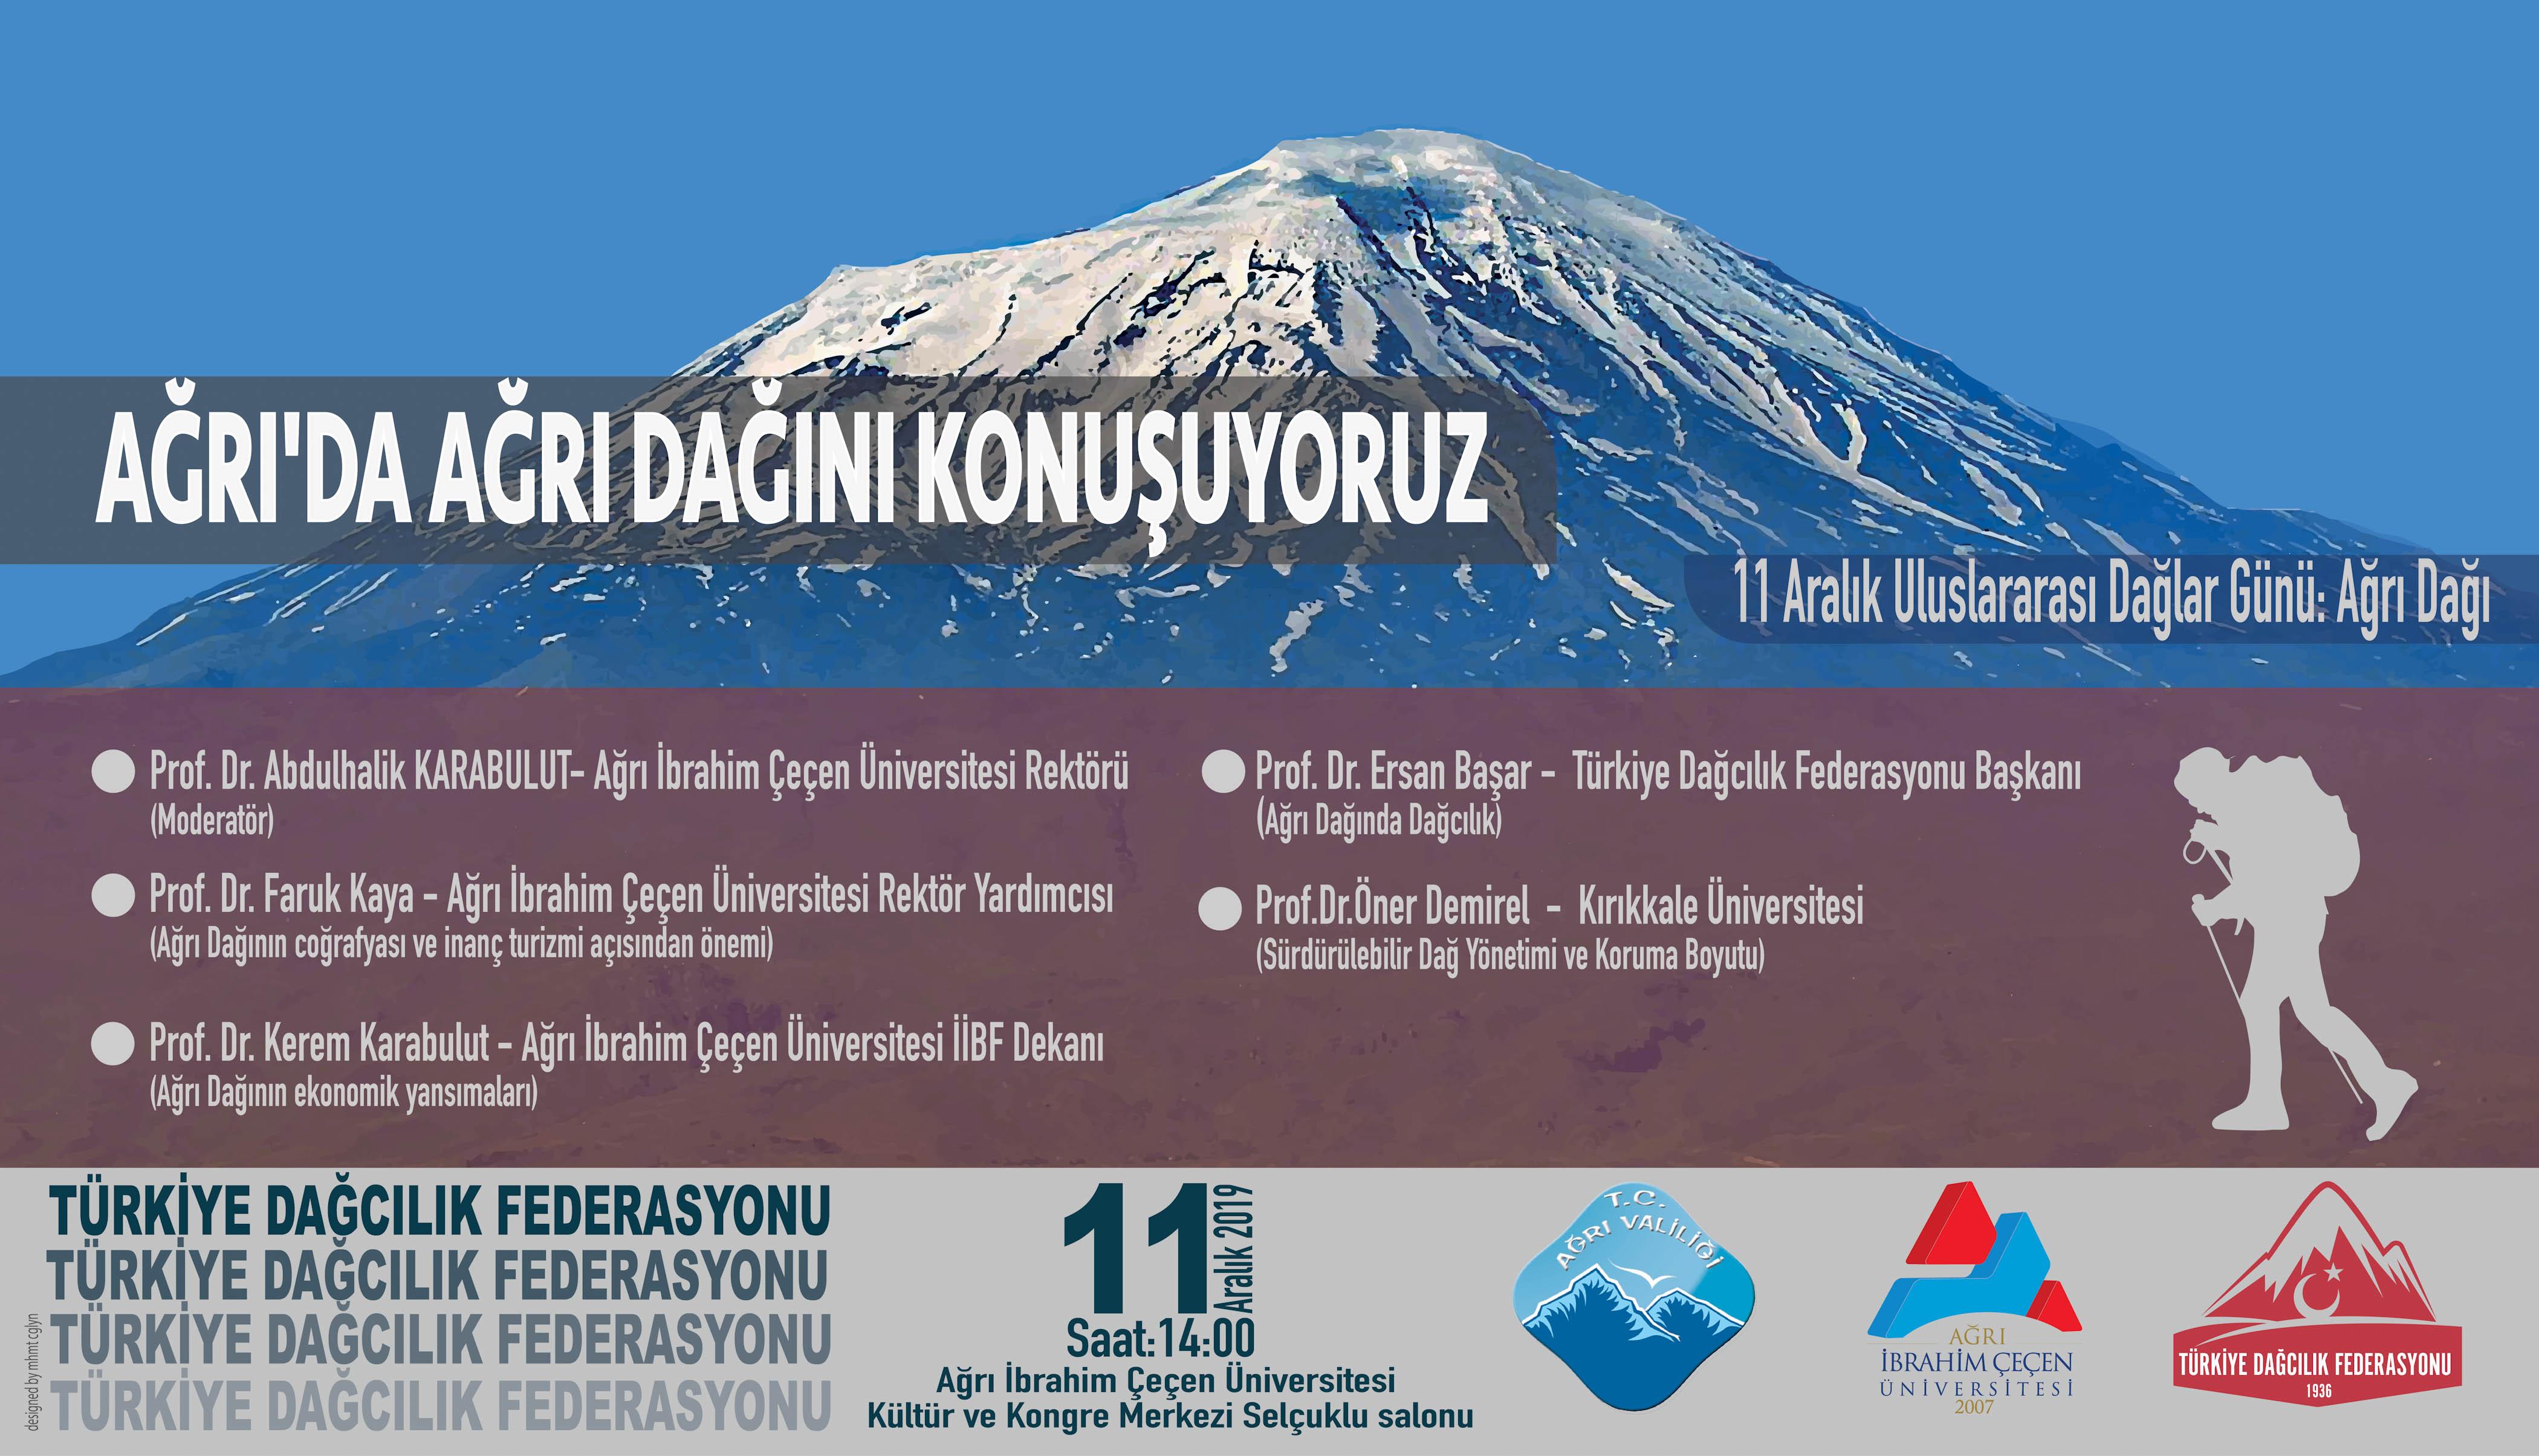 Uluslararası Dağlar Gününde Ağrı'da Ağrı Dağı Paneli Düzenliyoruz